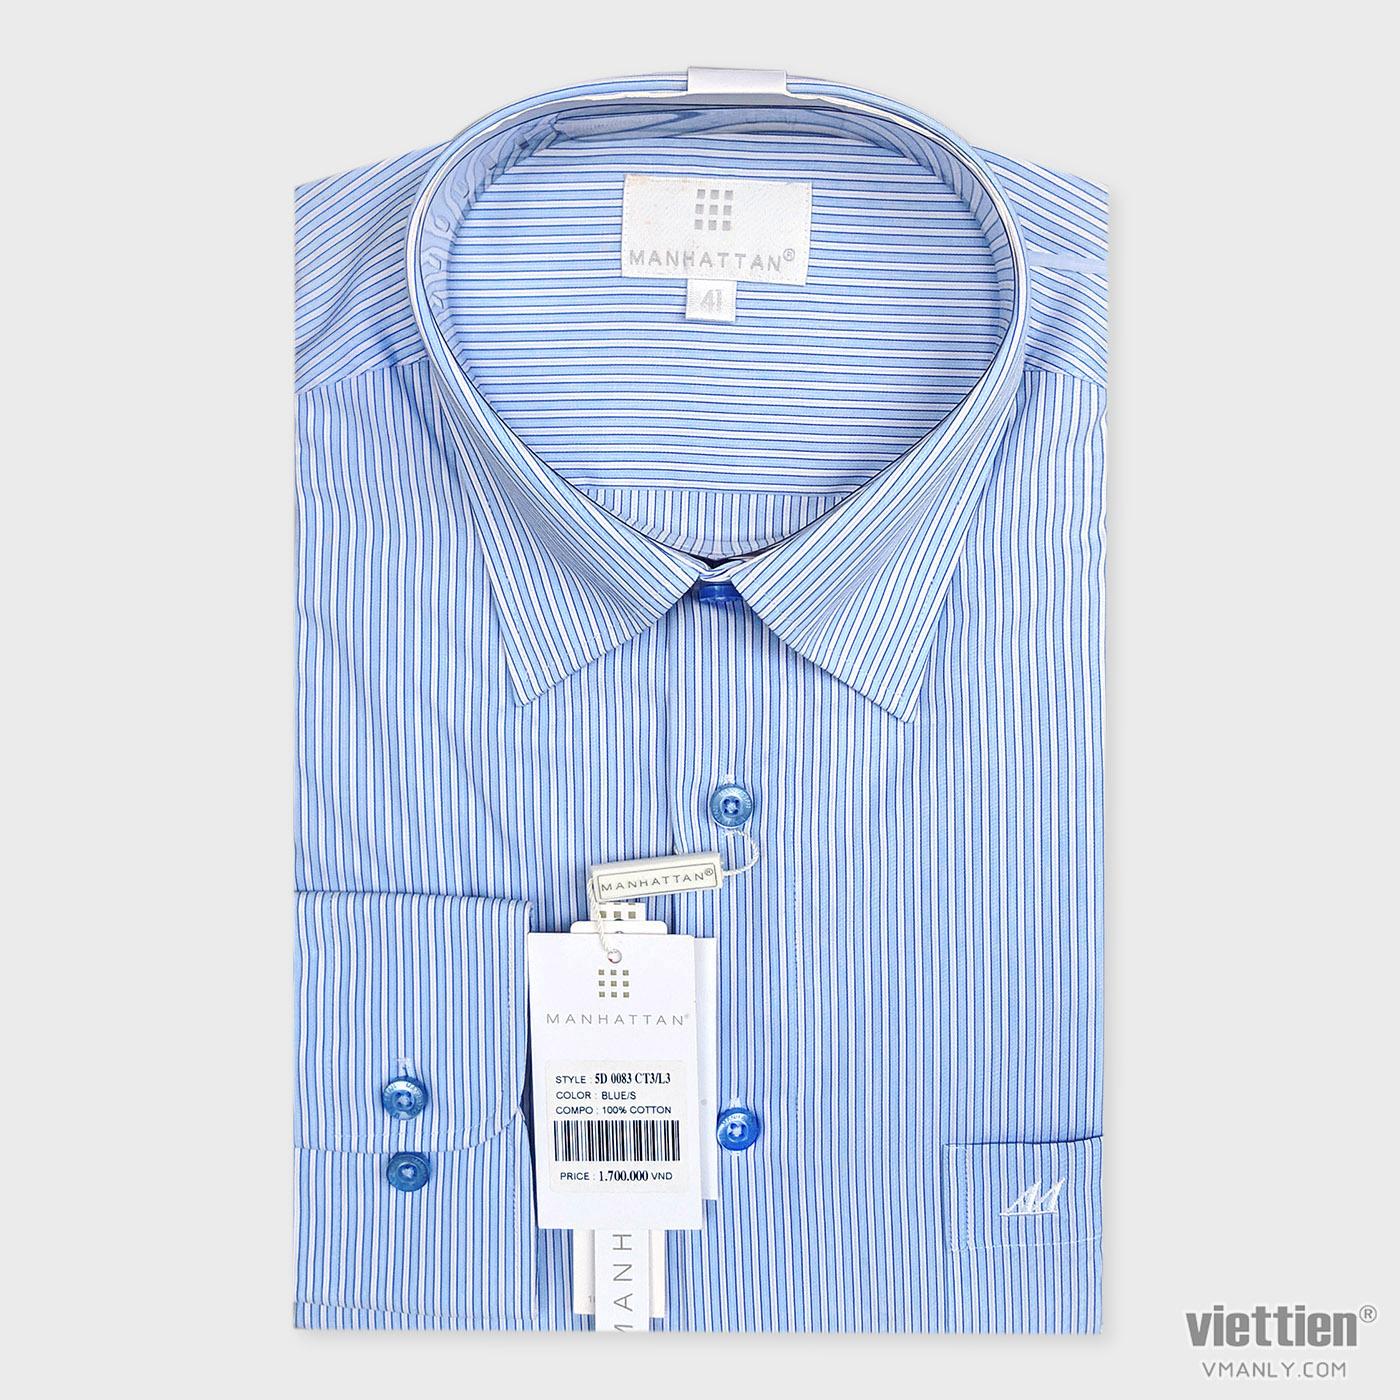 Áo sơ mi cao cấp Manhattan Việt Tiến dài tay có túi màu xanh kẻ sọc 5D0083CT3/L3